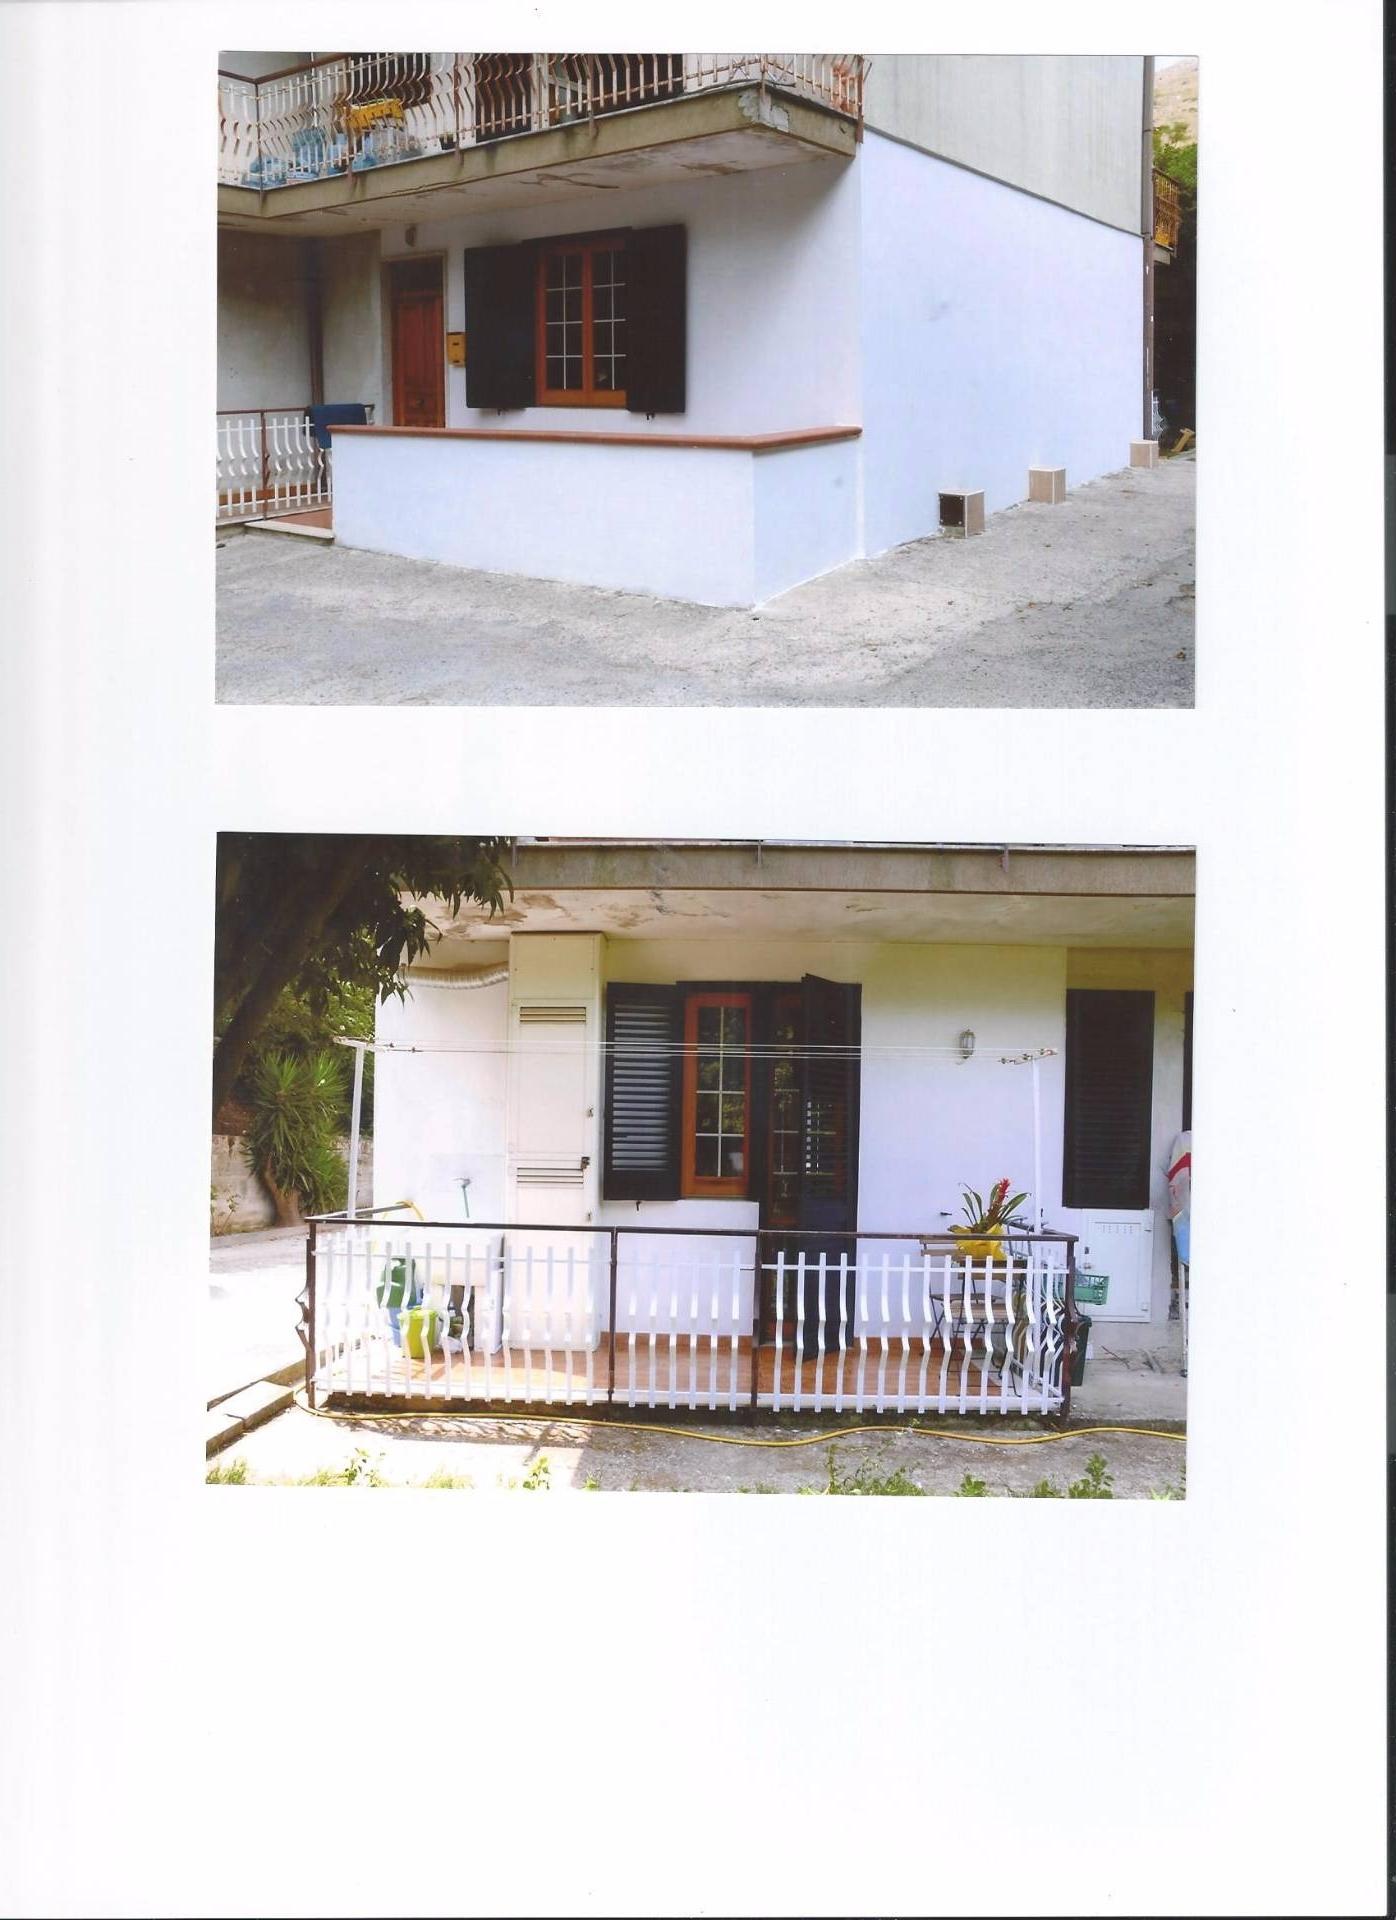 Appartamento in vendita a Baronissi, 2 locali, zona Zona: Caprecano, prezzo € 60.000 | Cambio Casa.it